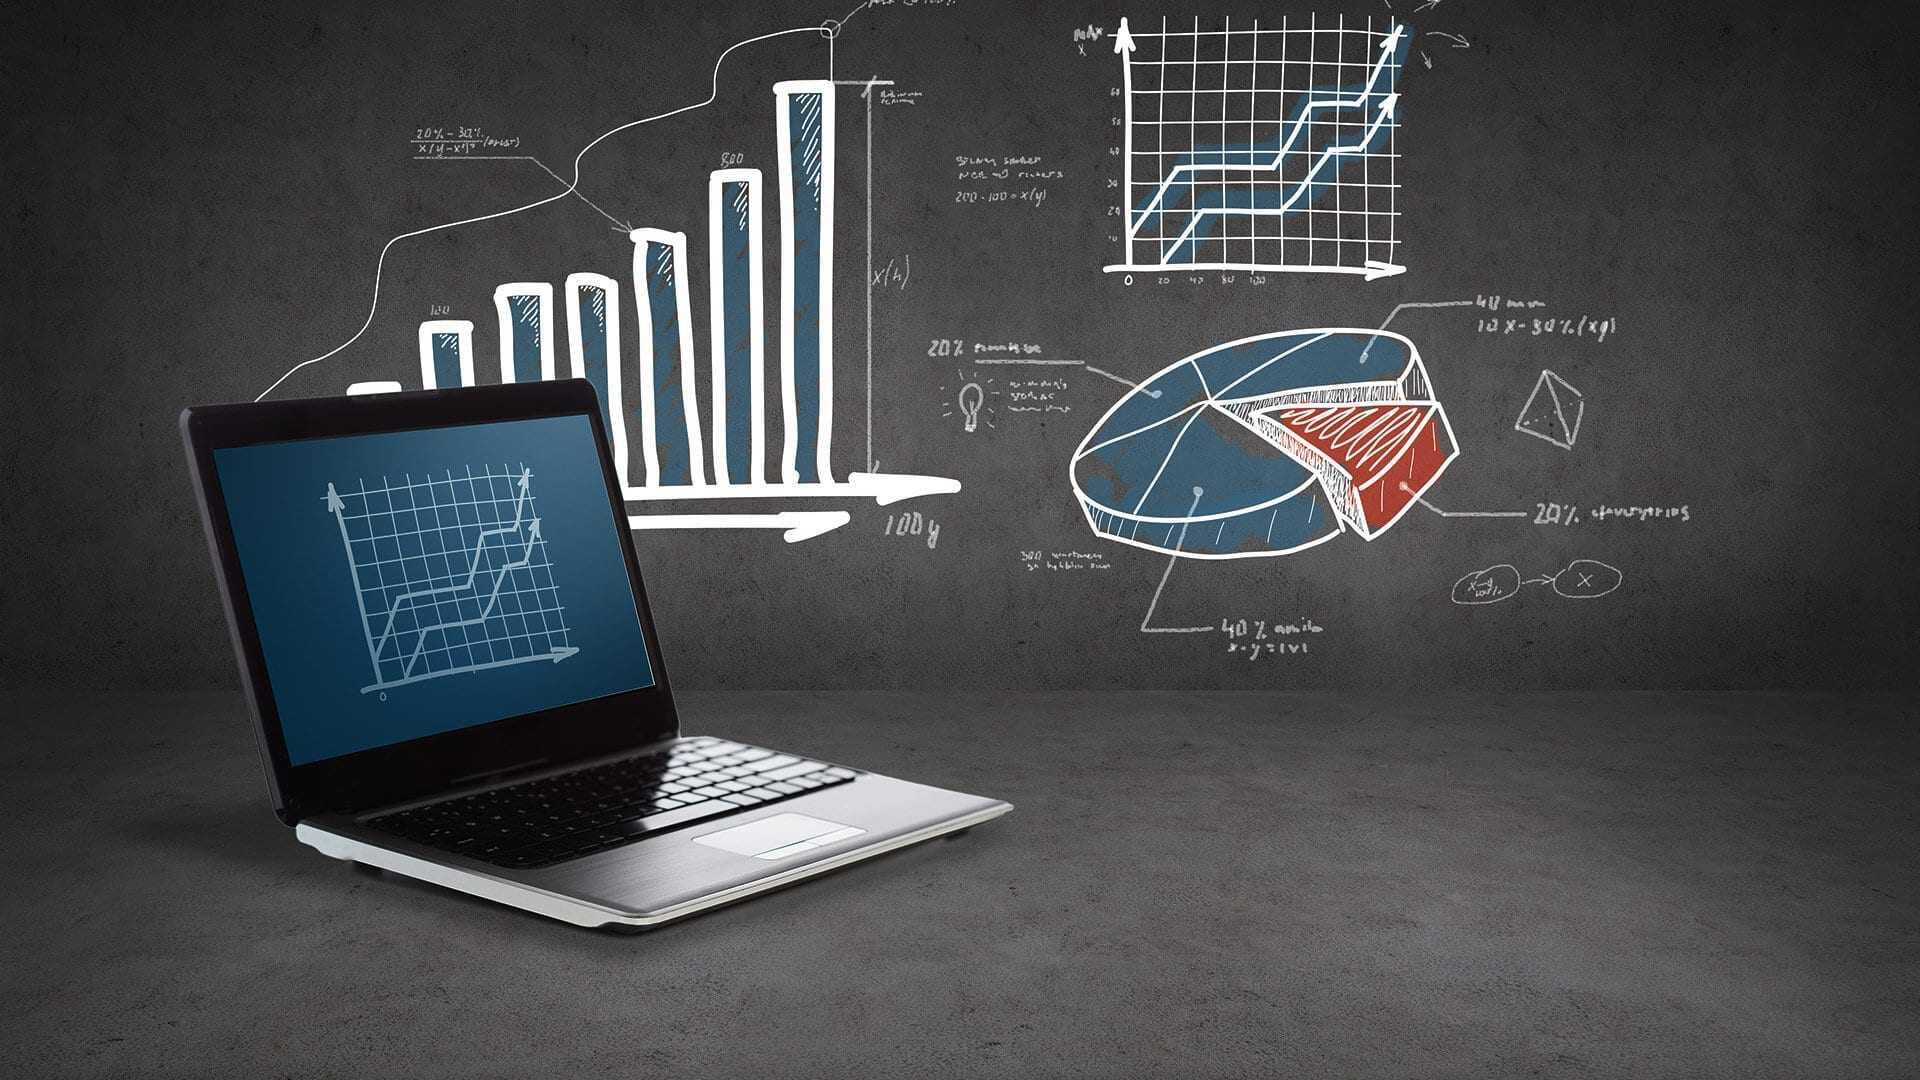 Teknik Analiz Nedir? Nasıl Teknik Analiz Yapılır?